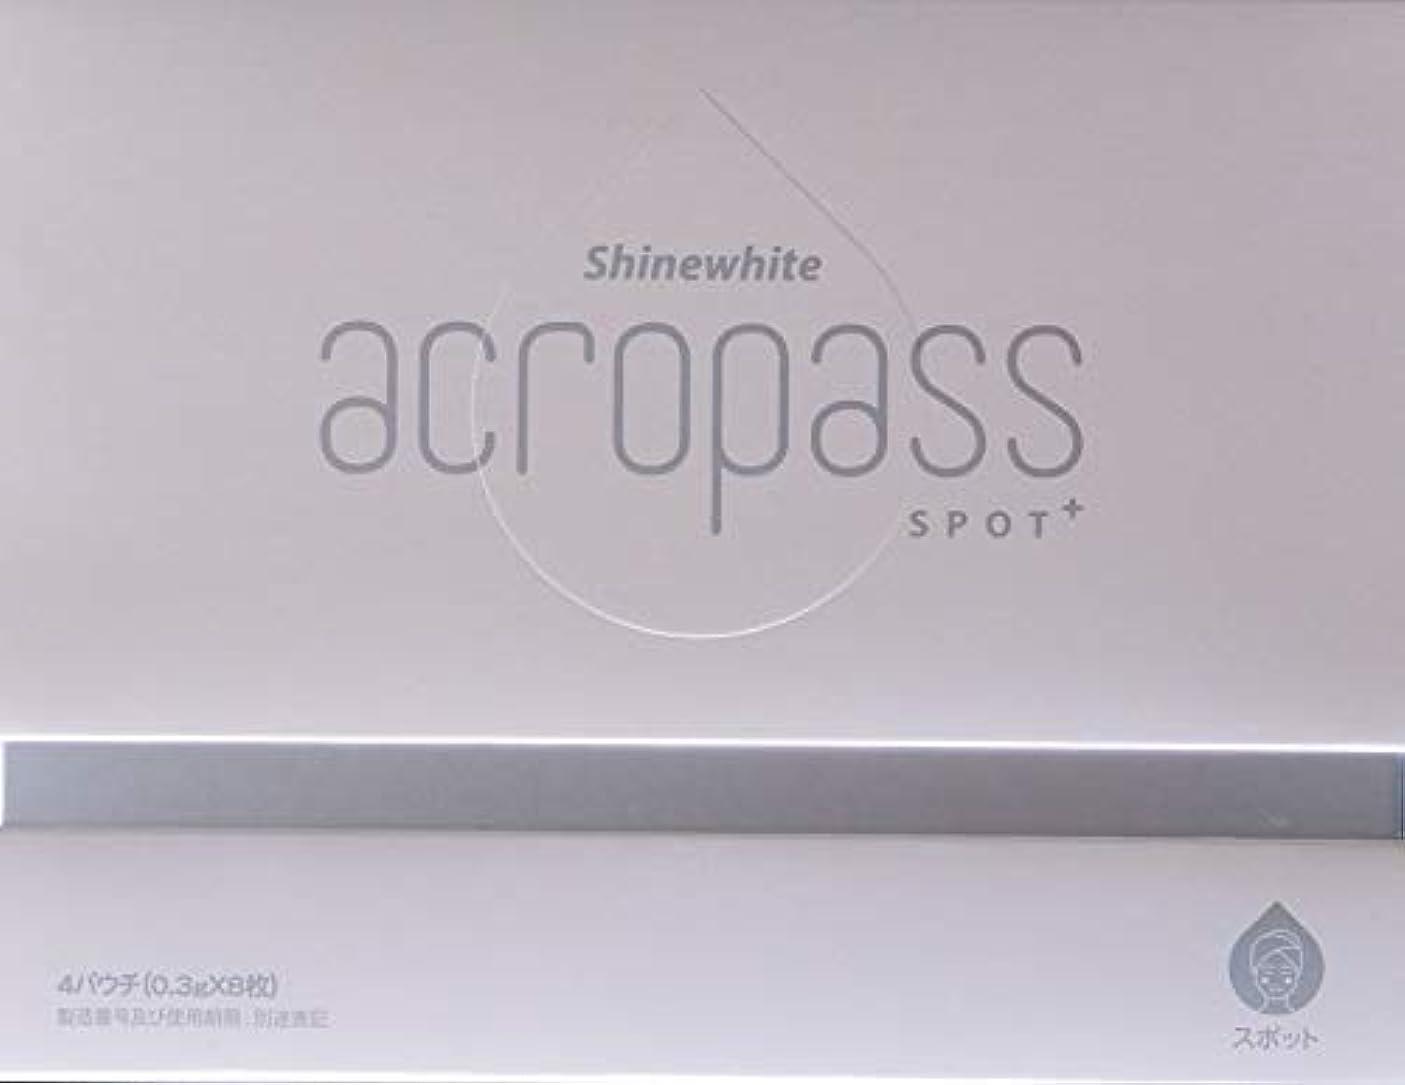 馬力文明化する折アクロパス スポットプラス 1箱:4パウチ(1パウチに2枚入り)【送料無料】美白効果をプラスしたアクロパス、ヒアルロン酸+4種の美白成分配合マイクロニードルパッチ